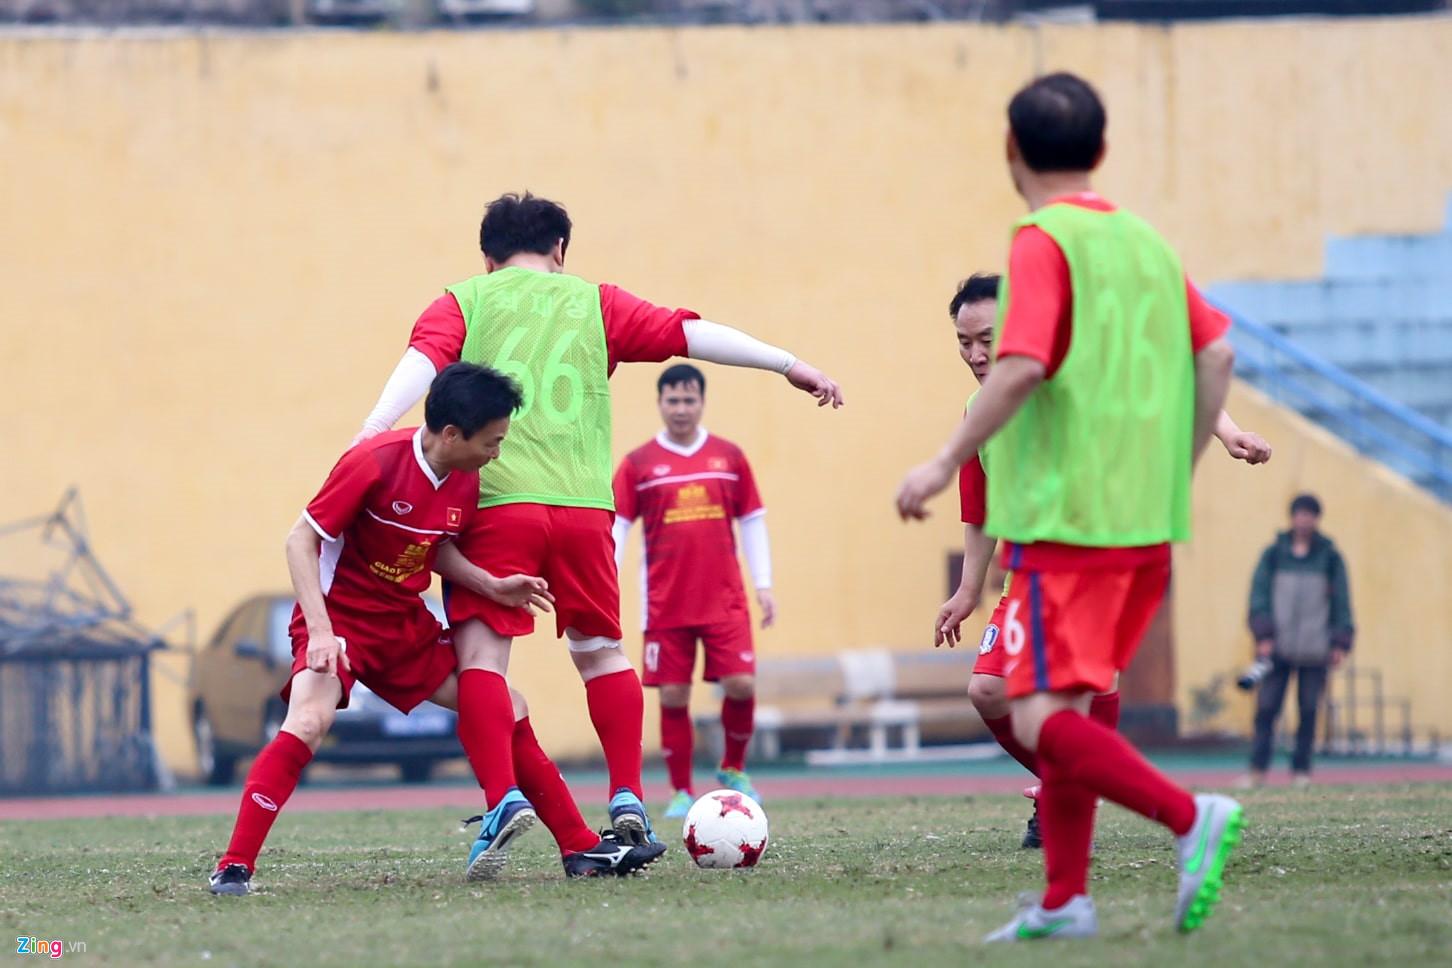 Phó Thủ tướng Vũ Đức Đam ghi 2 bàn trong trận bóng giao hữu với nghị sĩ Hàn Quốc - Ảnh 3